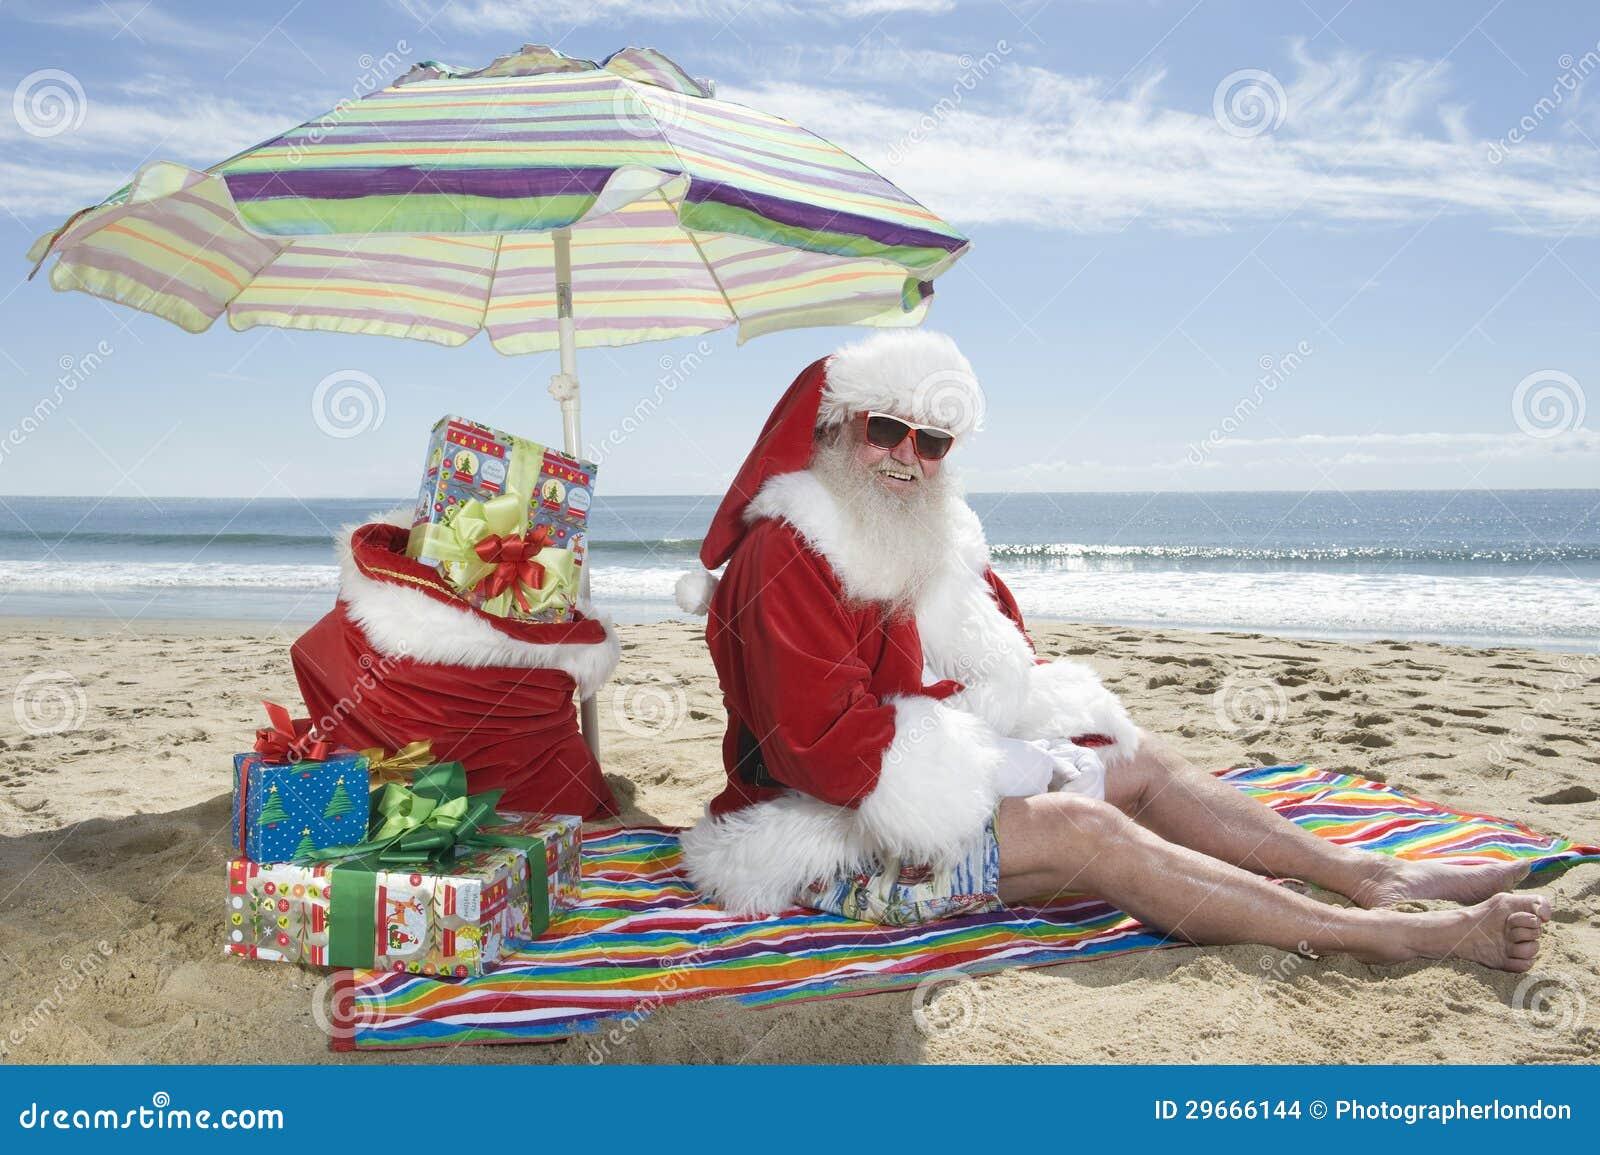 Regalos de Santa Claus Sitting Under Parasol With en la playa